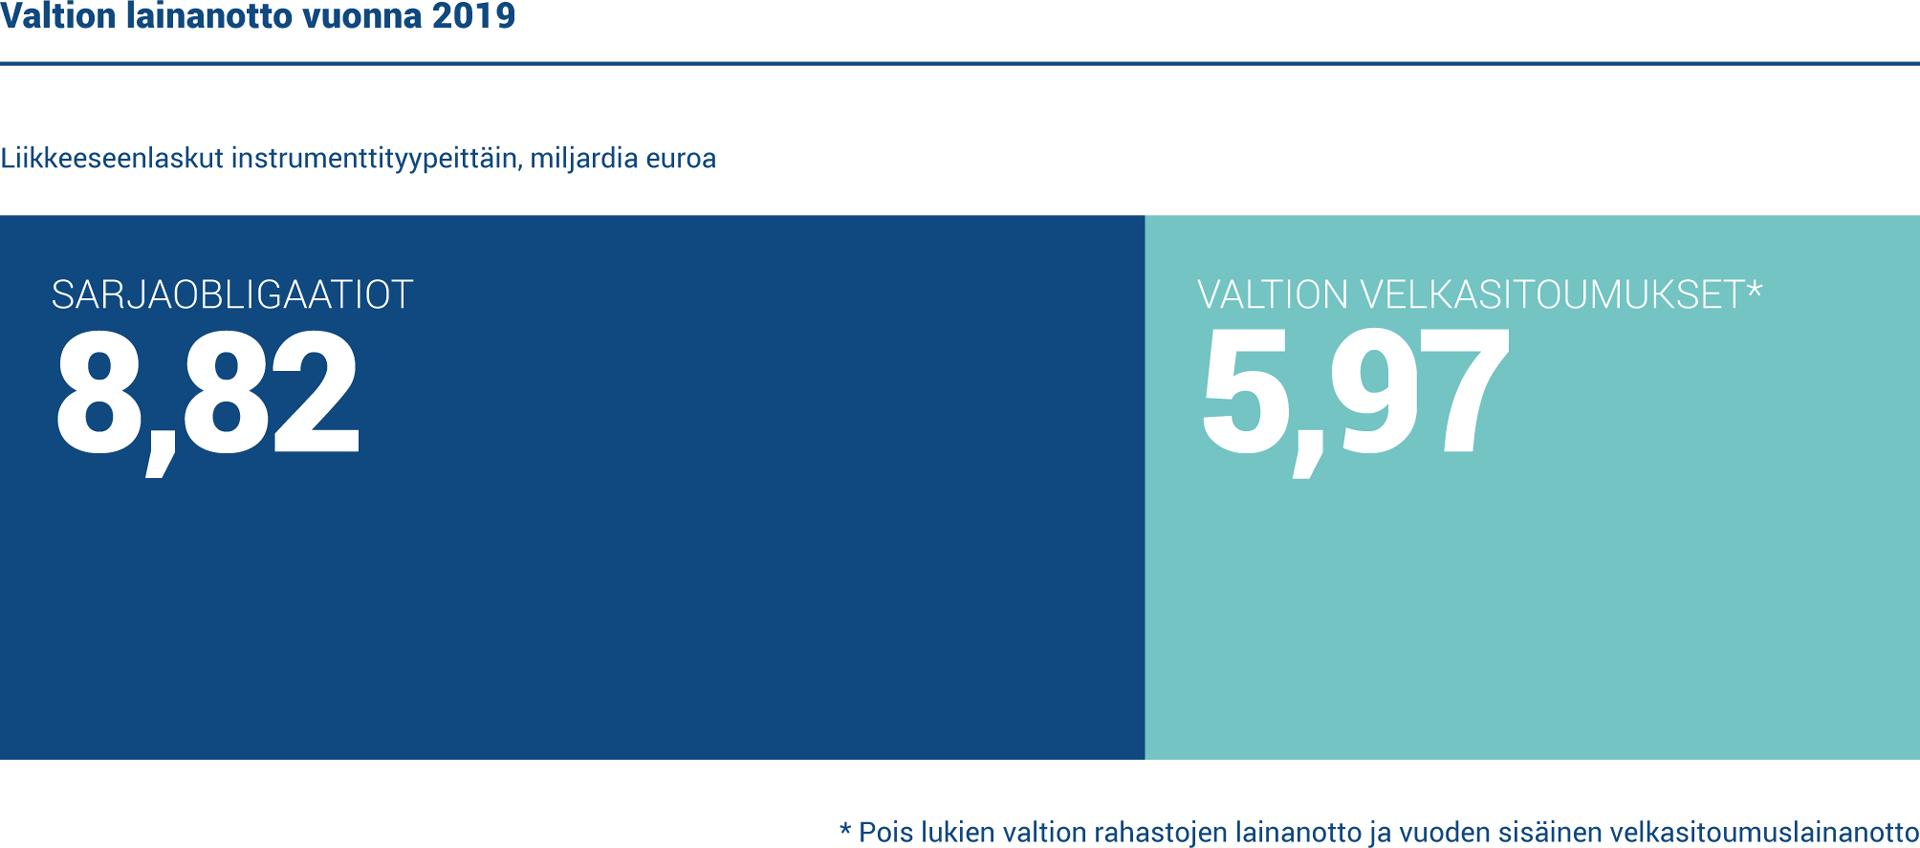 Toteutunut bruttolainanotto vuonna 2019 oli 14,8 miljardia euroa, josta 8,82 miljardia euroa oli pitkäaikaista ja 5,97 miljardia euroa lyhytaikaista lainanottoa.